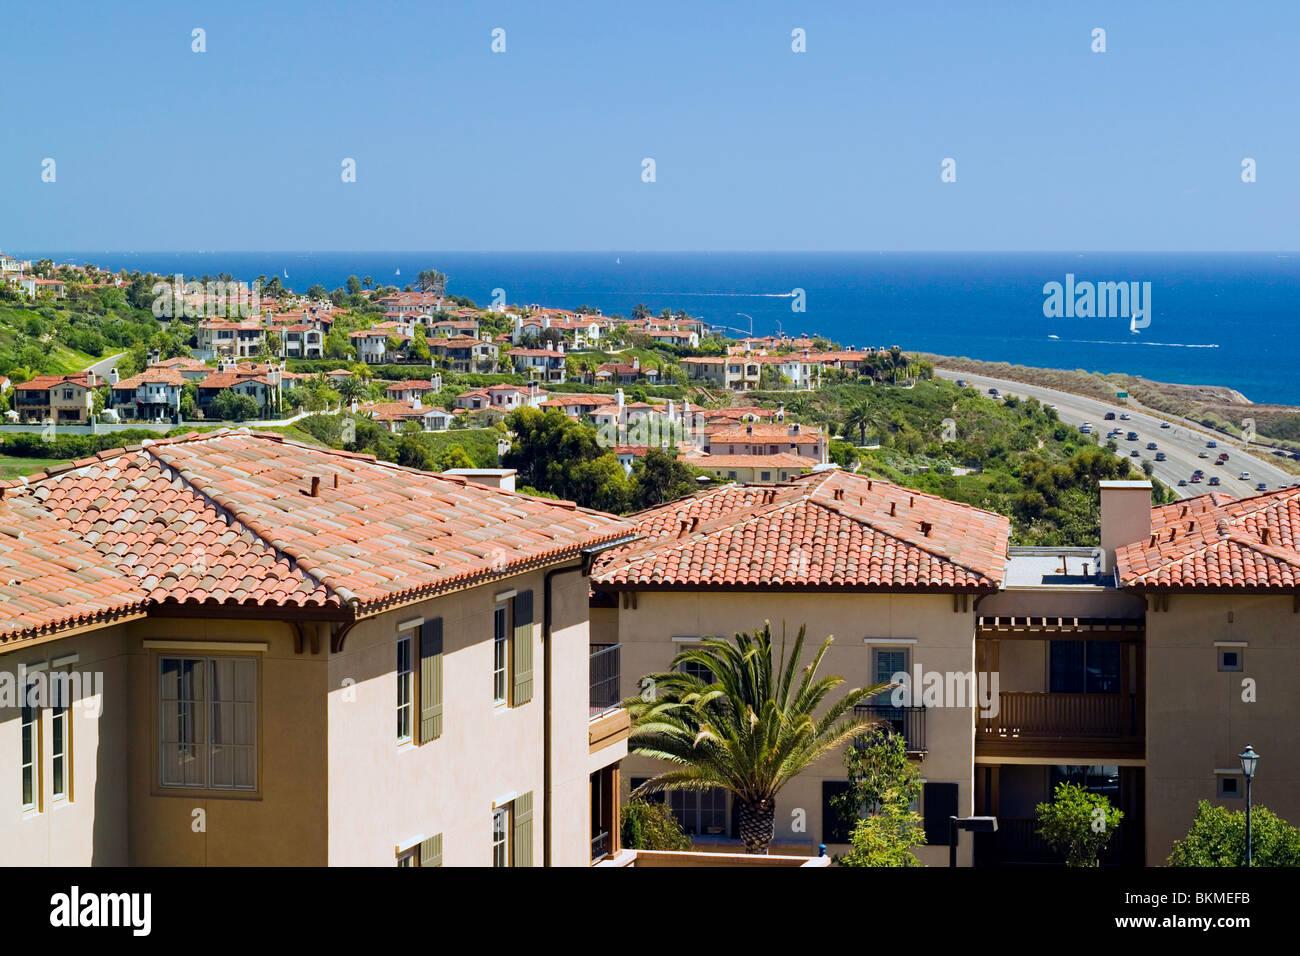 Newport Coast Mediterrane Hauser Mit Roten Ziegeldachern Ubersehen